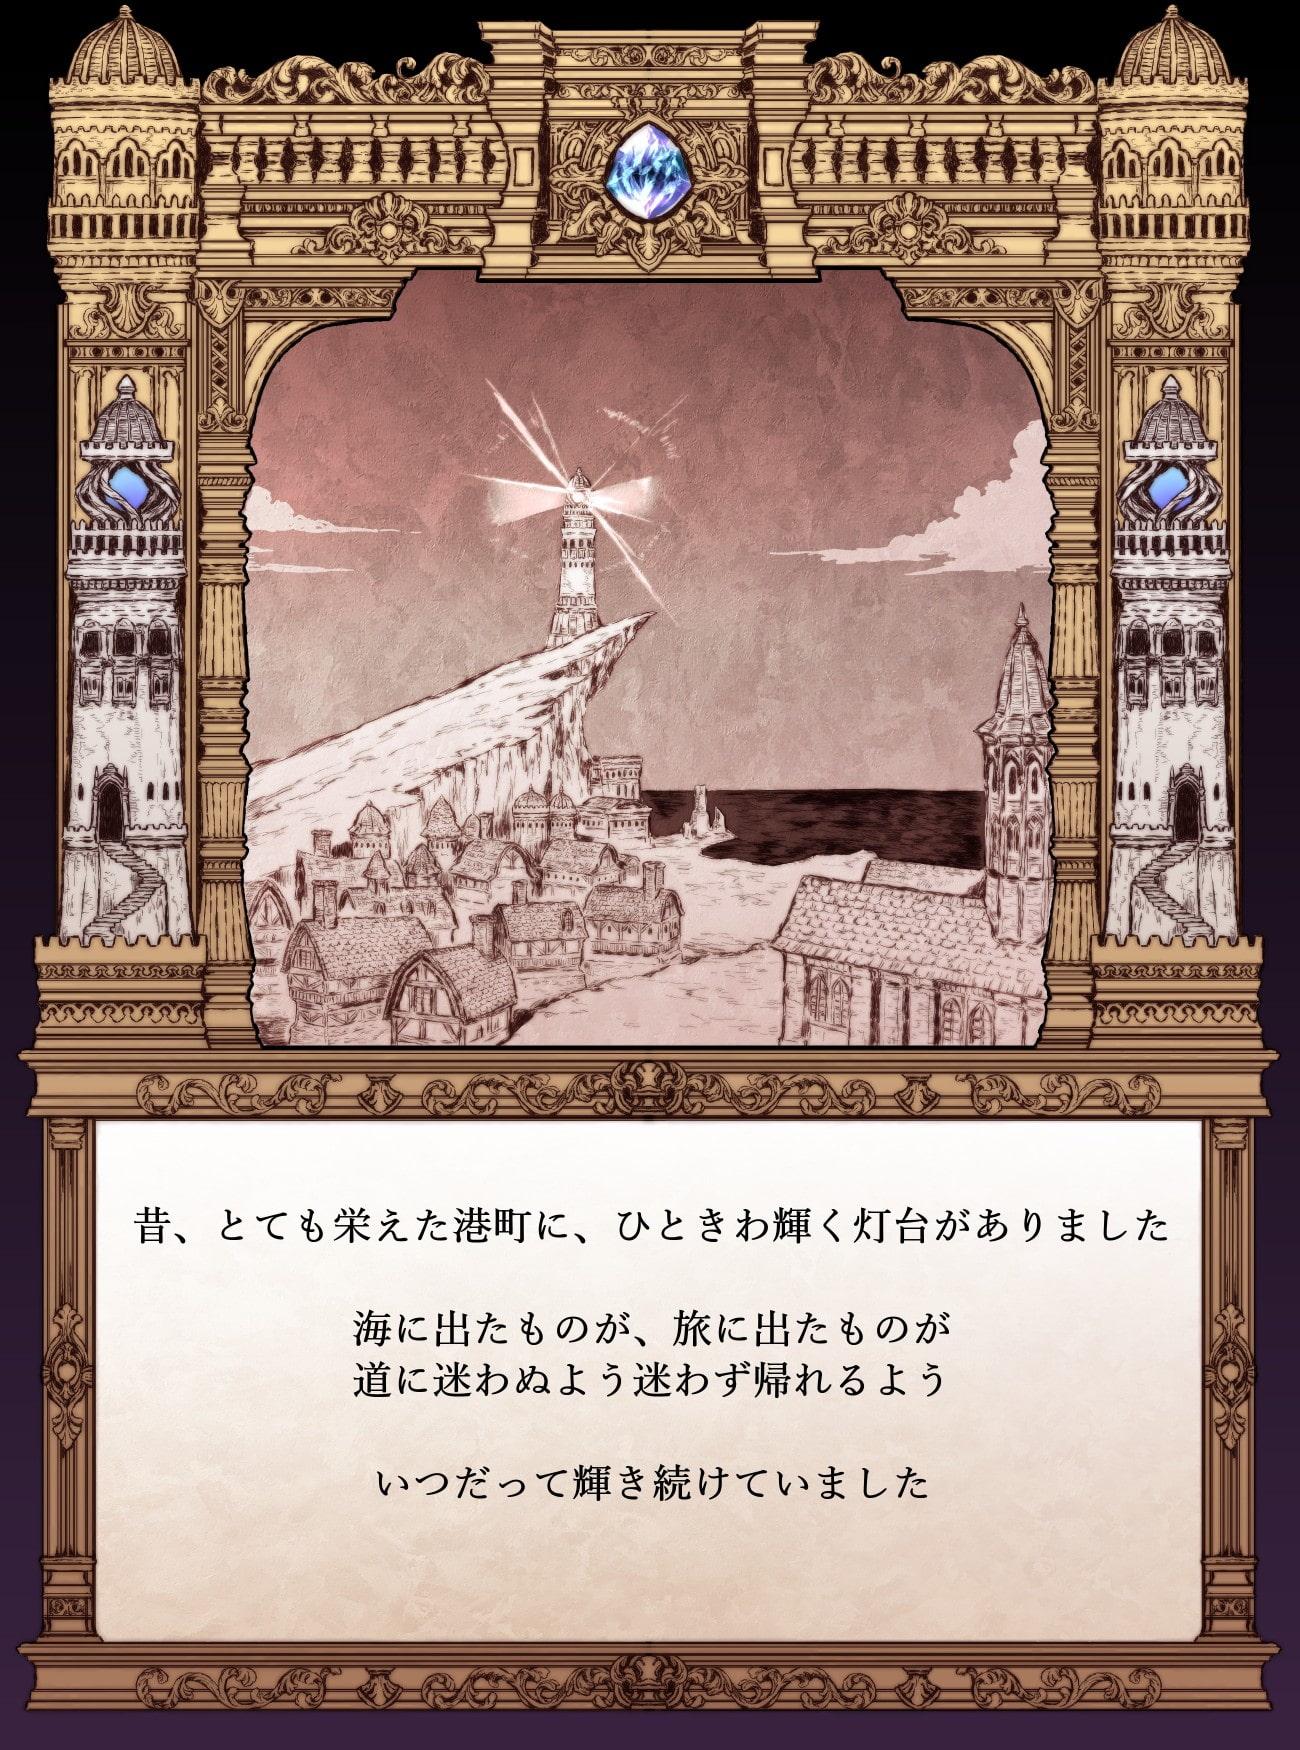 【絵本】忘れられた灯台の記憶(商品番号:RJ299561)